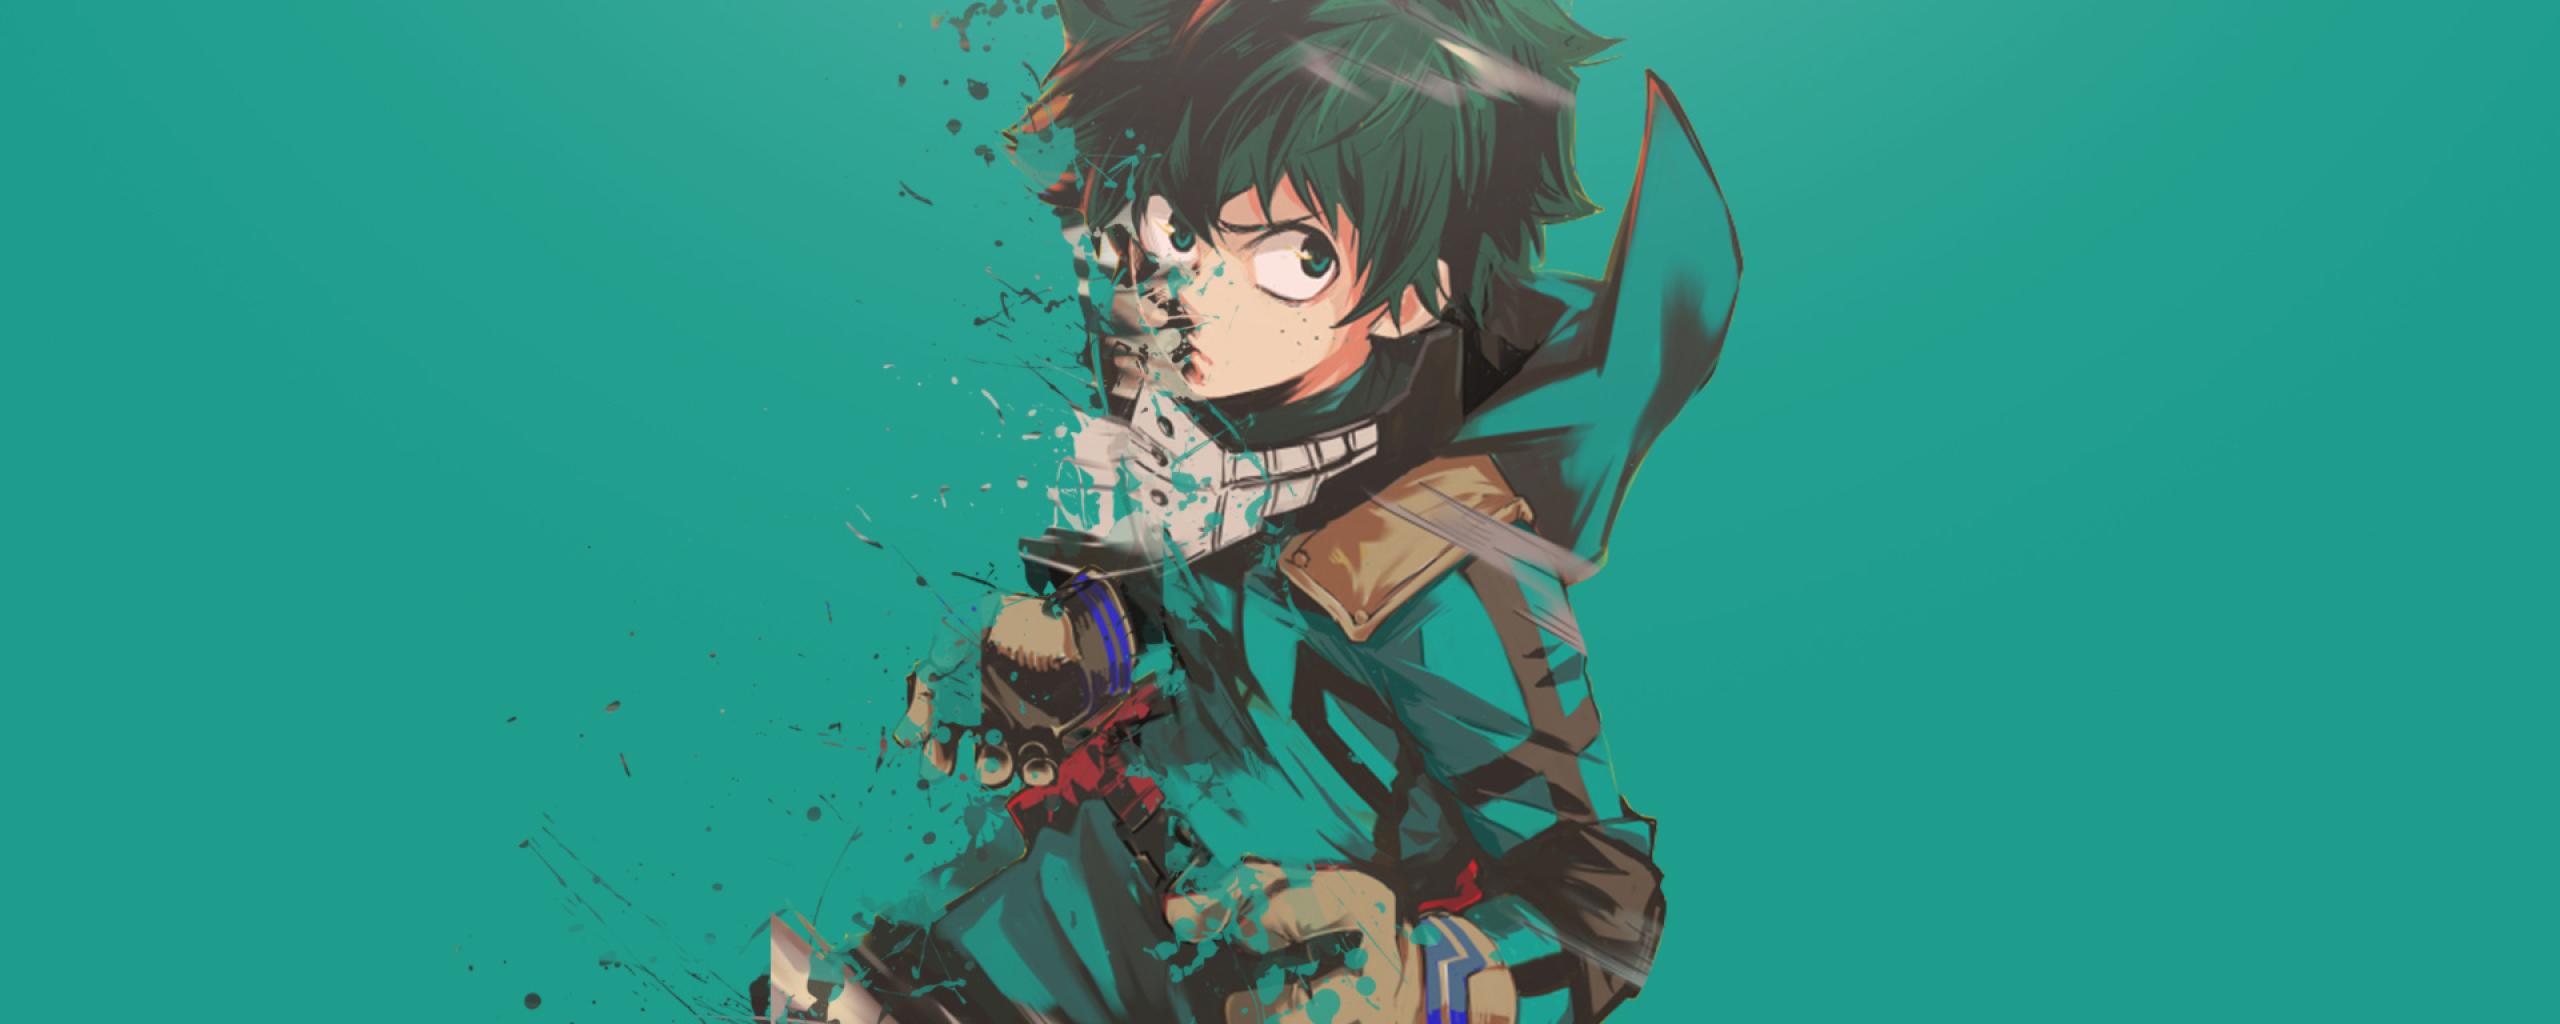 2560x1024 Boku No Hero Academia Midoriya Izuku Art 2560x1024